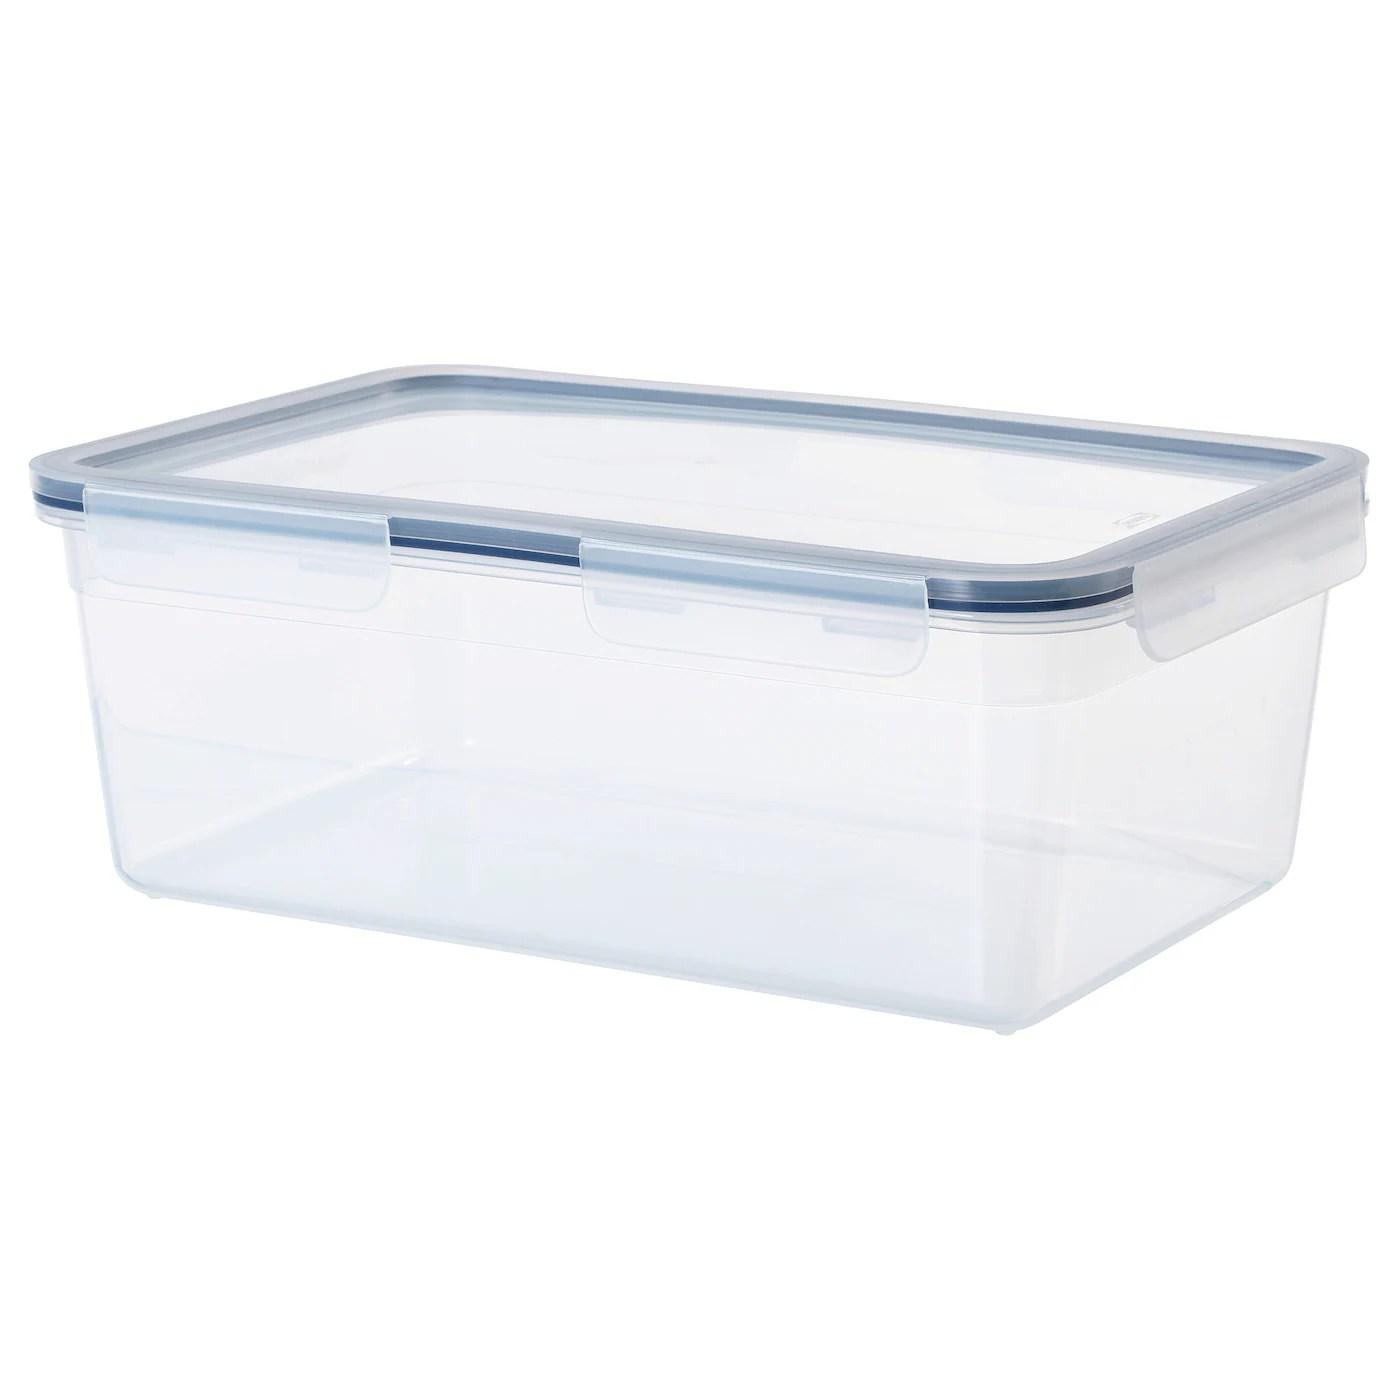 ikea 365 boite de conservation rectangulaire plastique 5 2 l